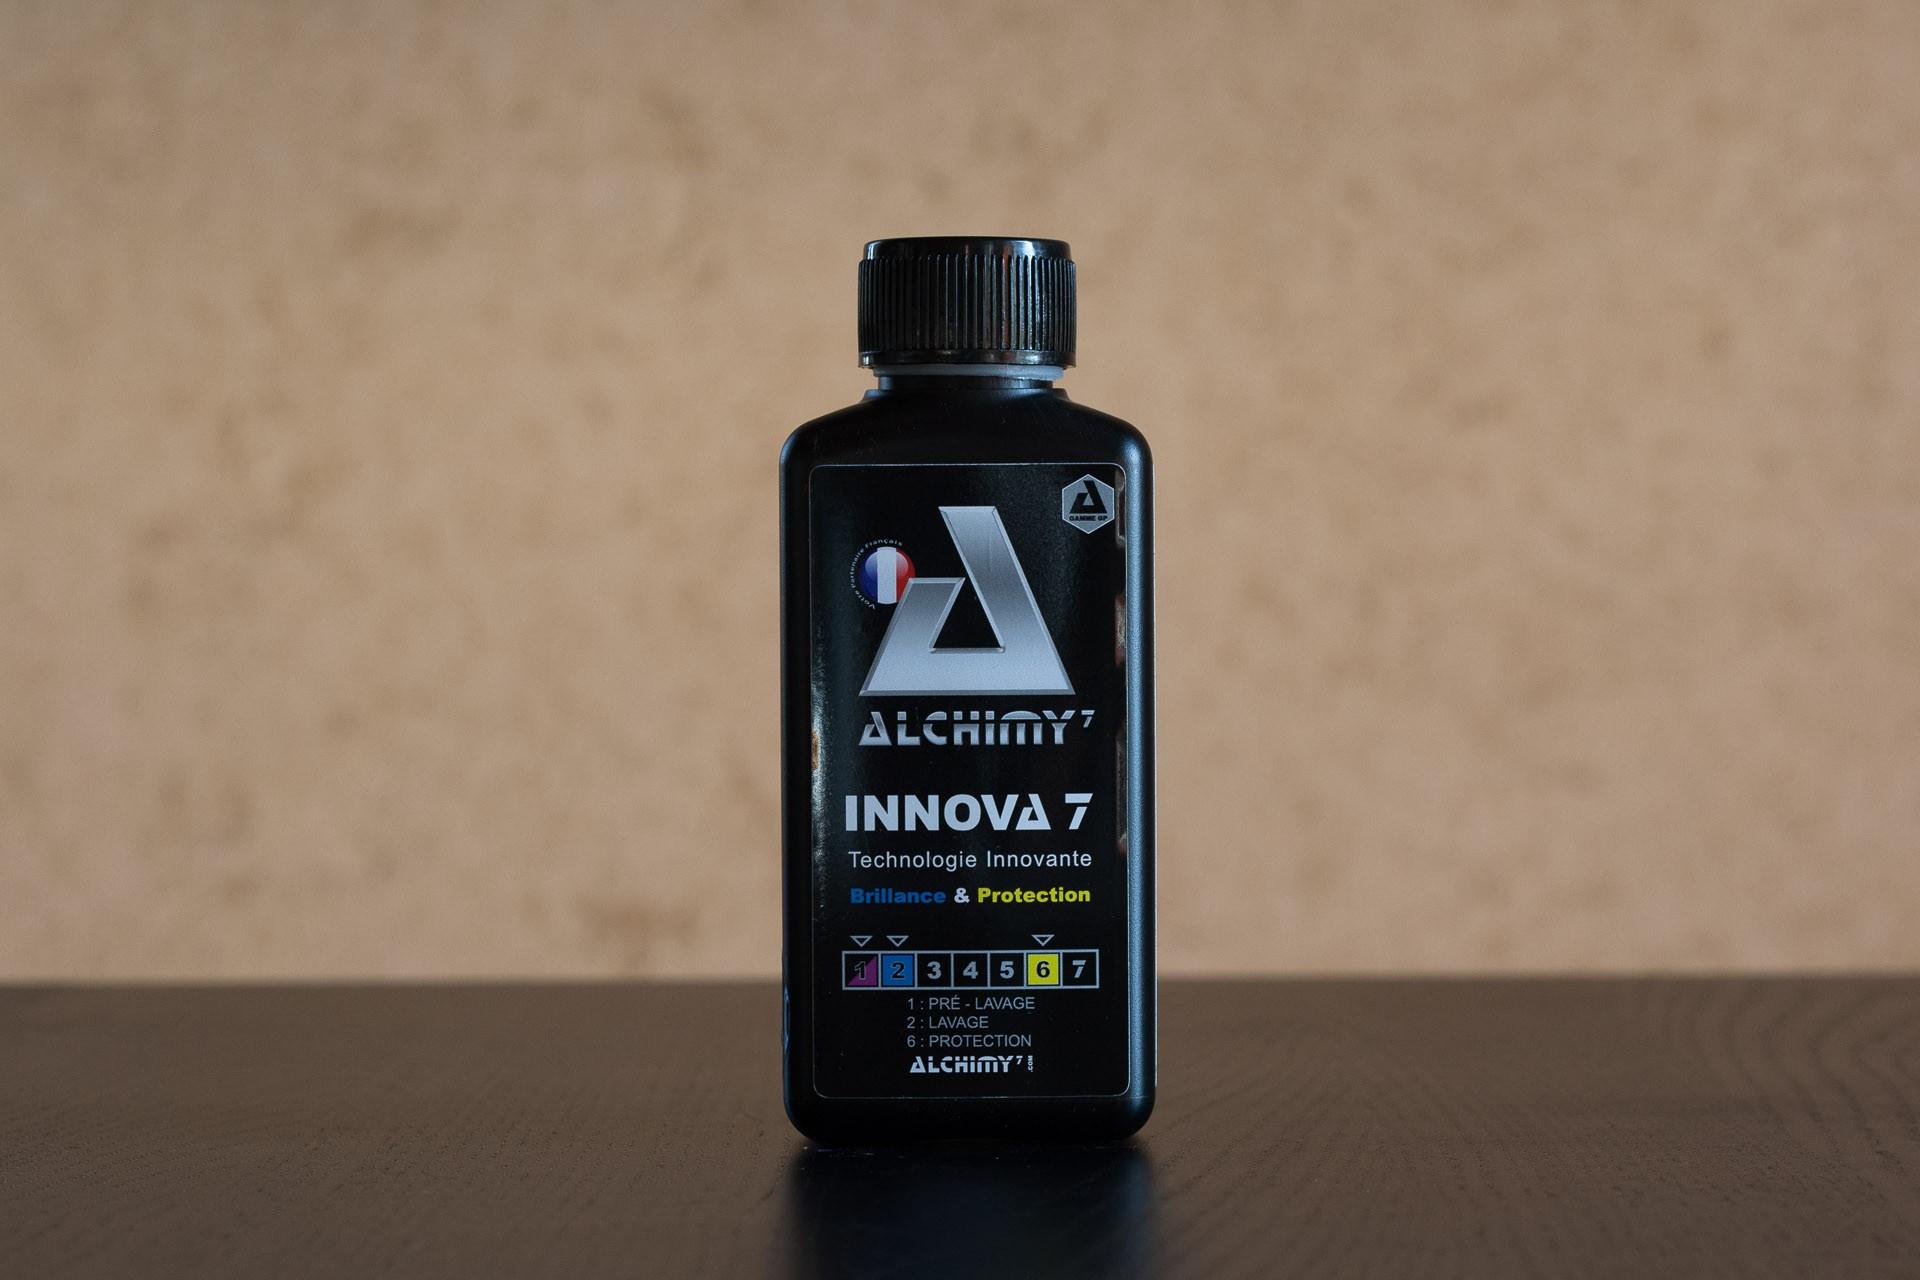 Innova 7 est un shampoing aux superbes rendus visuels et olfactifs - bouteille de 200 millilitres.